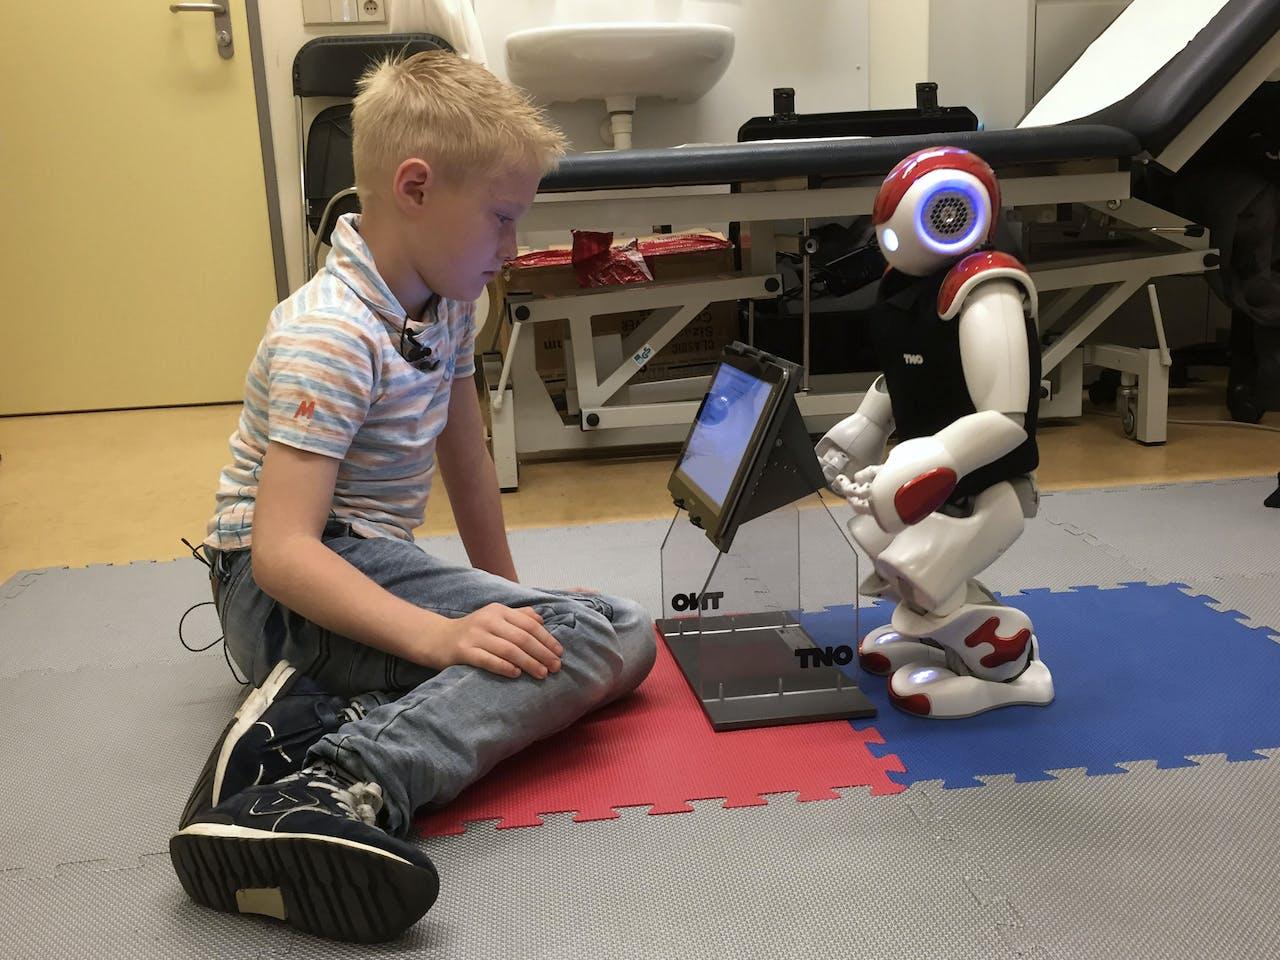 Een zevenjarige jongen wordt geholpen door een robot om te kunnen omgaan met zijn diabetes.